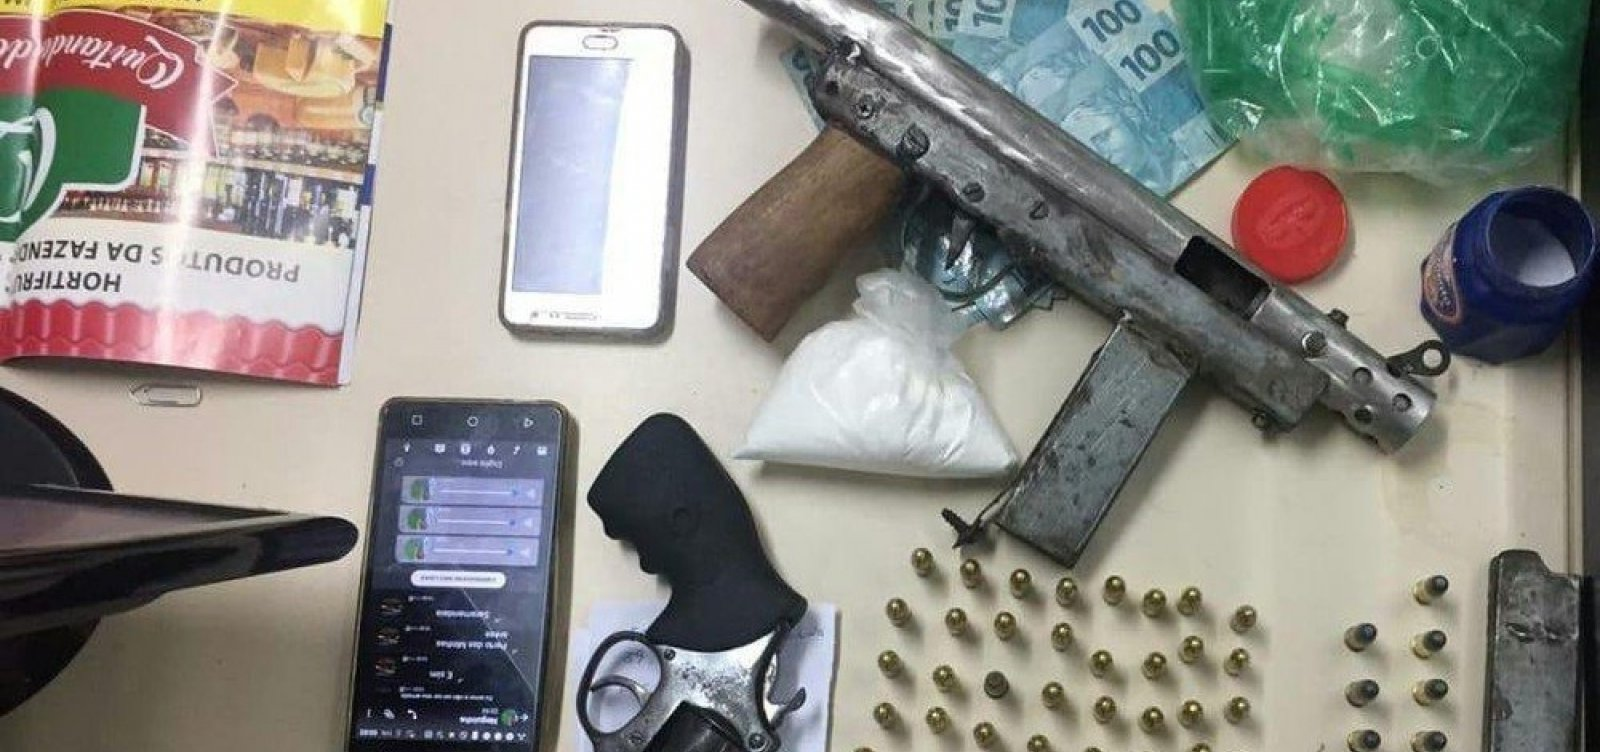 [Polícia prende casal com submetralhadora e drogas em Arembepe]